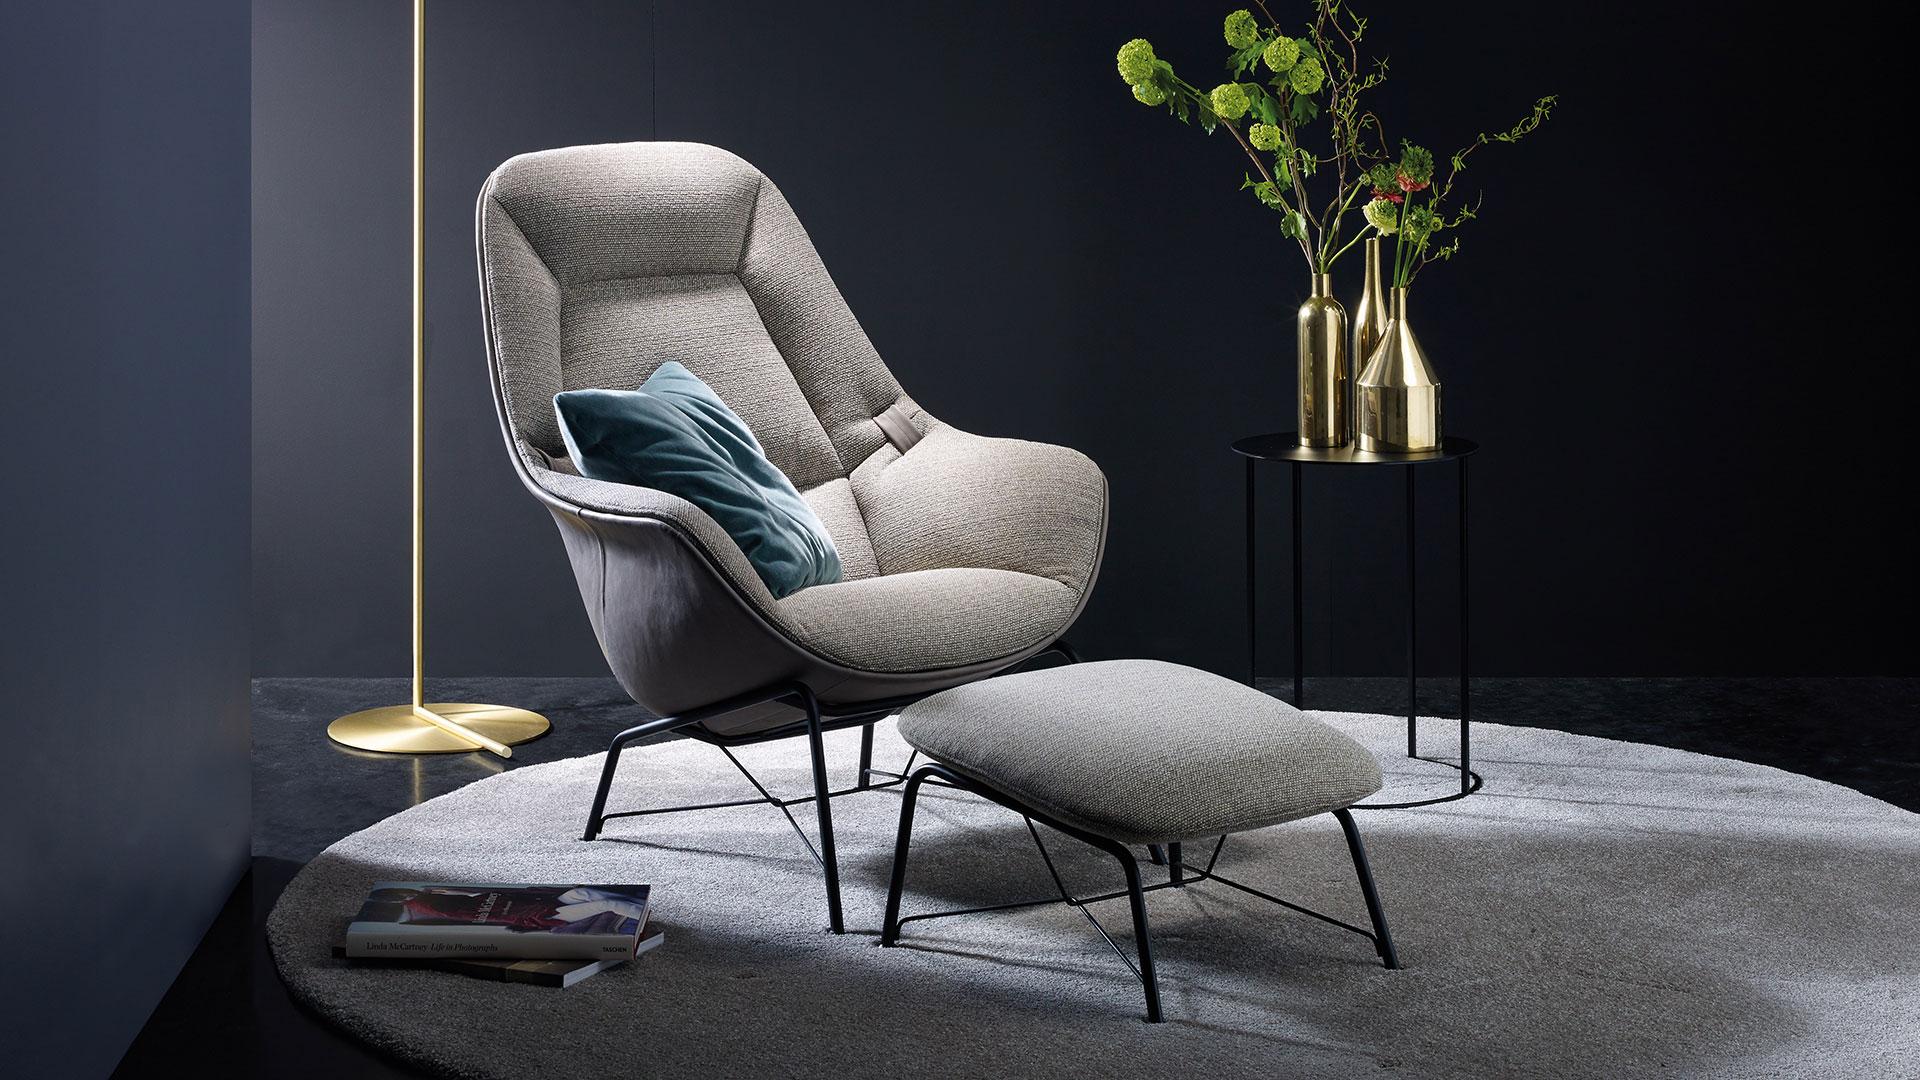 Jori_Prelude_fauteuil_s1.jpg